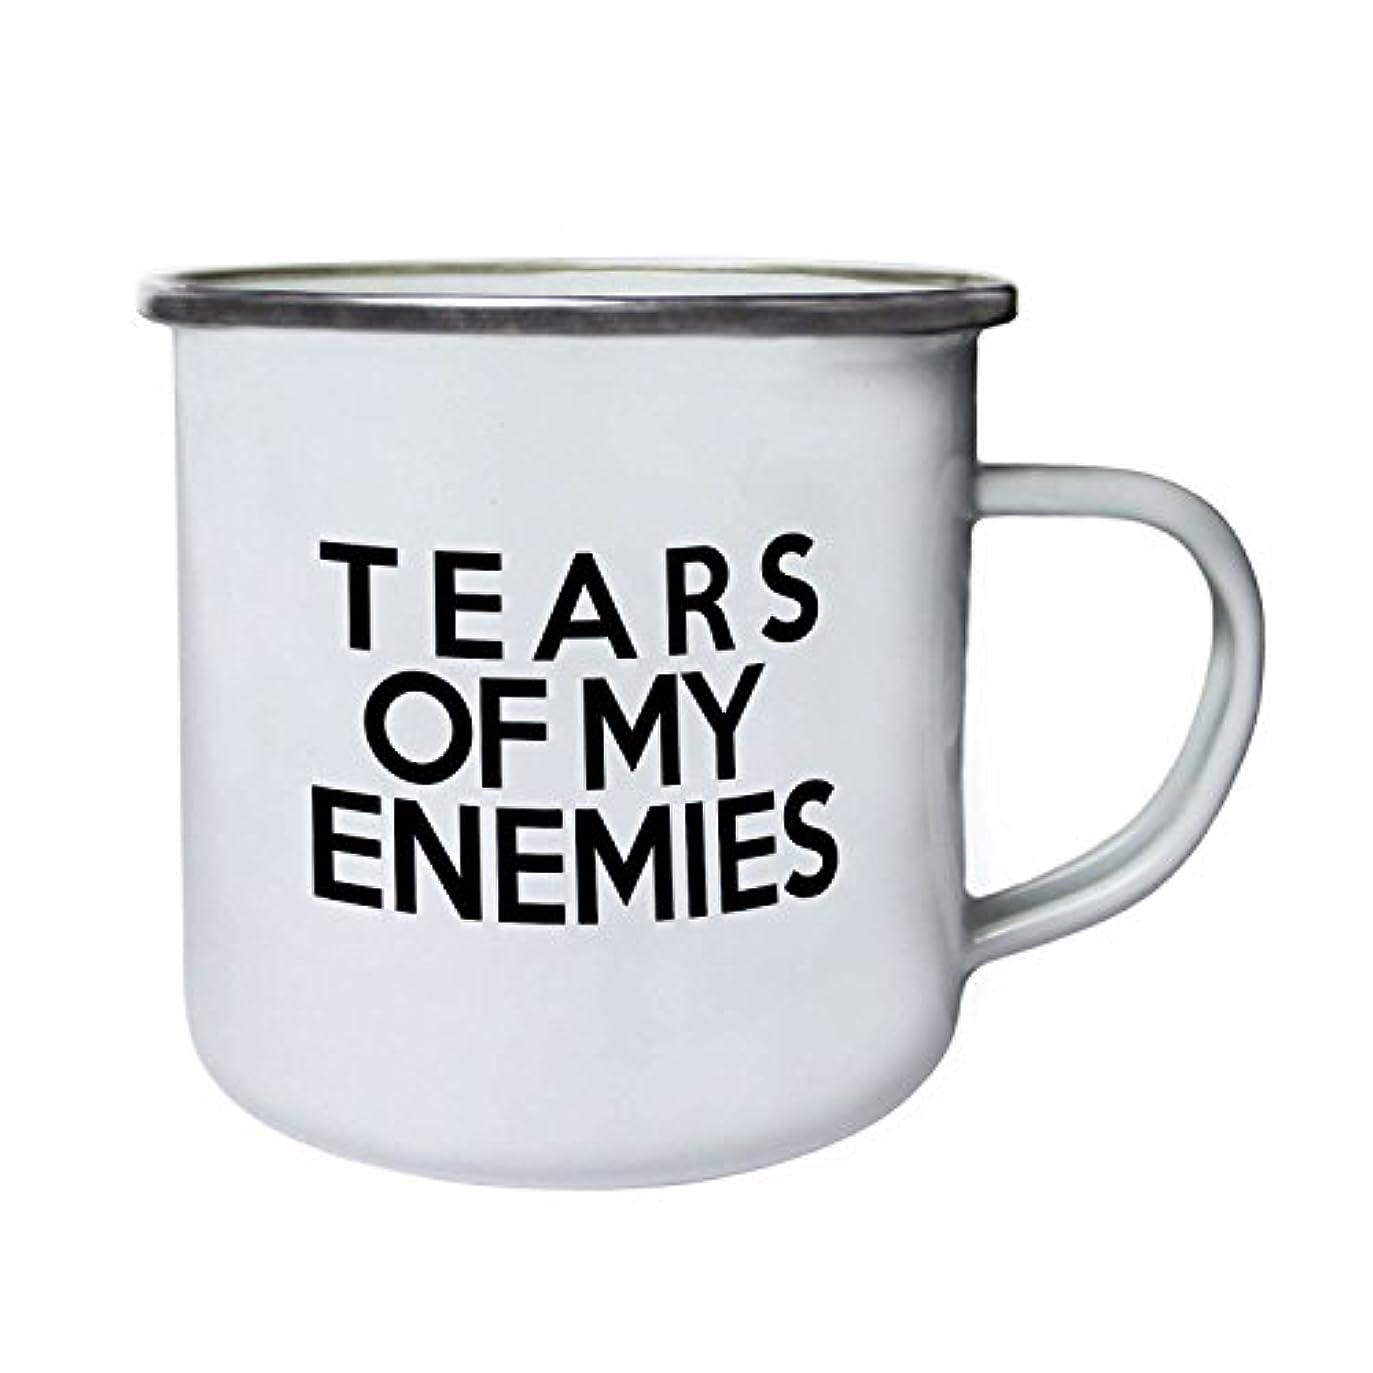 ペルメルラウンジ根絶する私の敵の涙Perfectギフトノベルティ新しいレトロ、Tin、エナメル10ozマグb50e